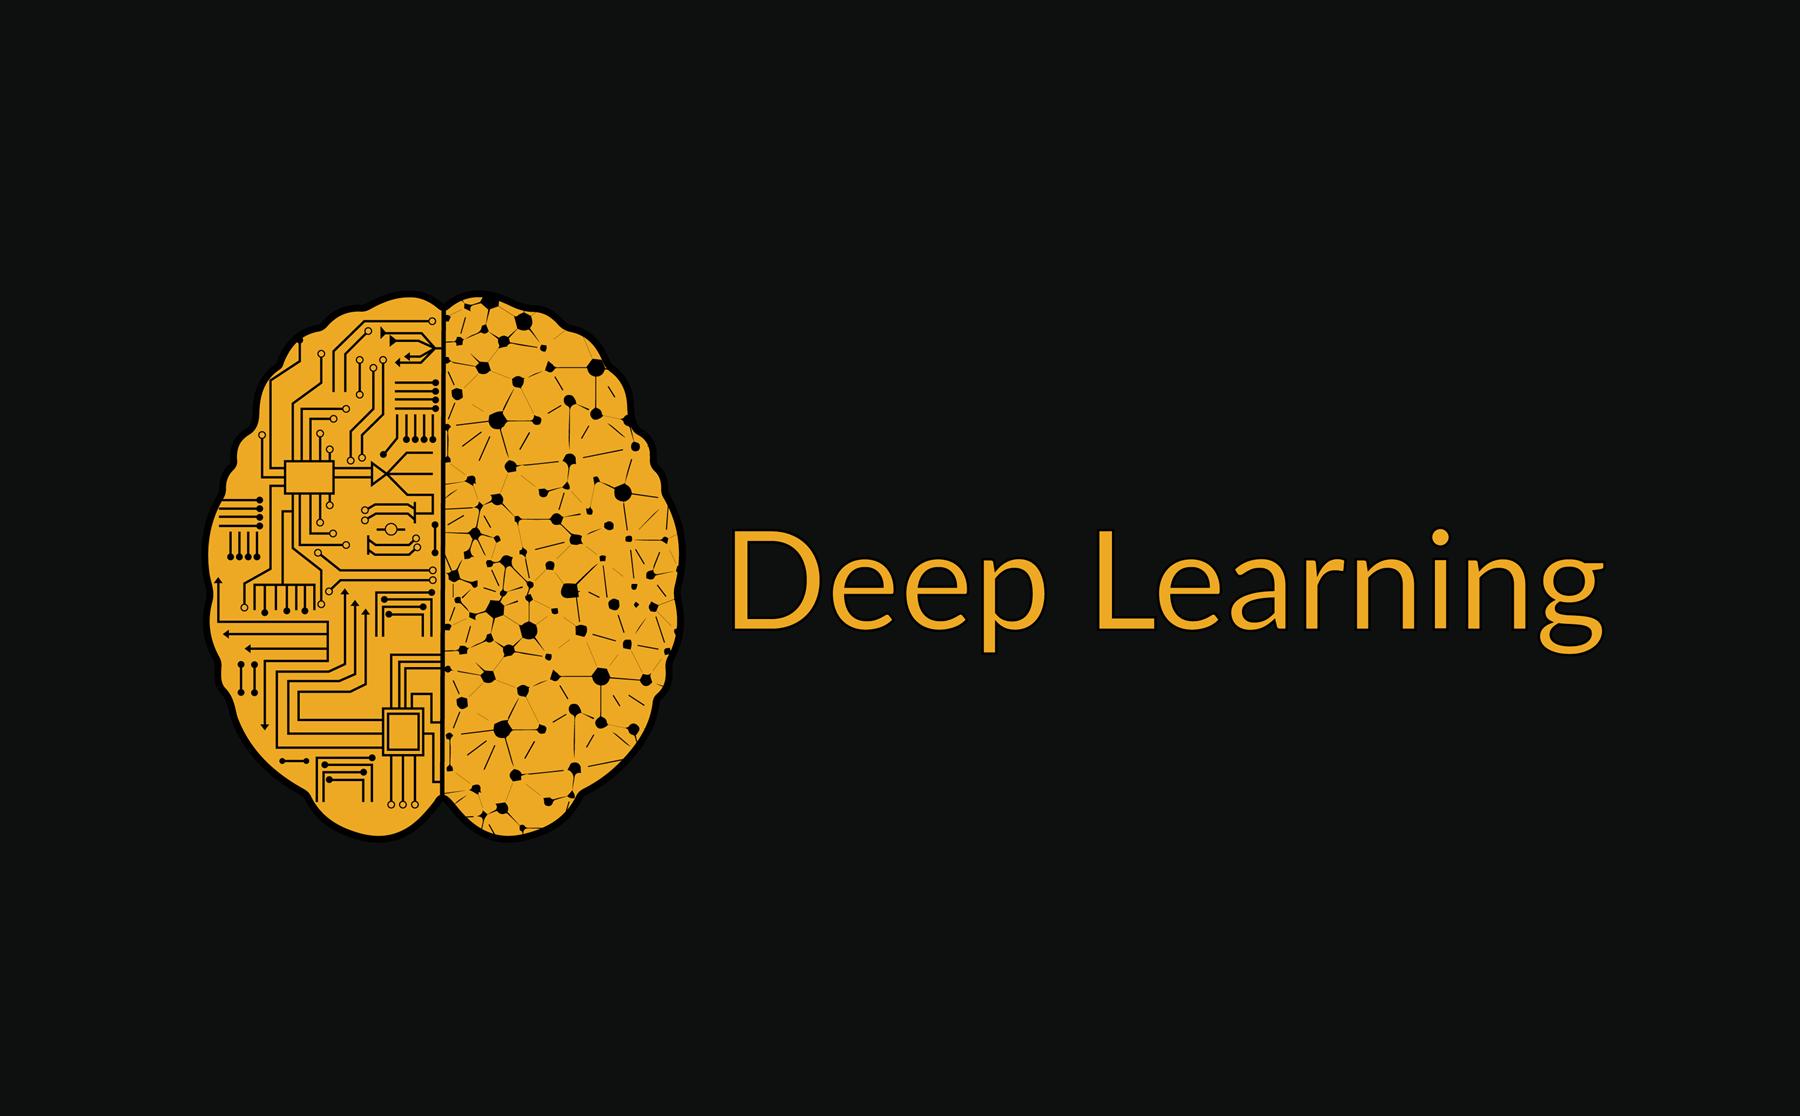 深度学习与人工智能在FinTech中的应用